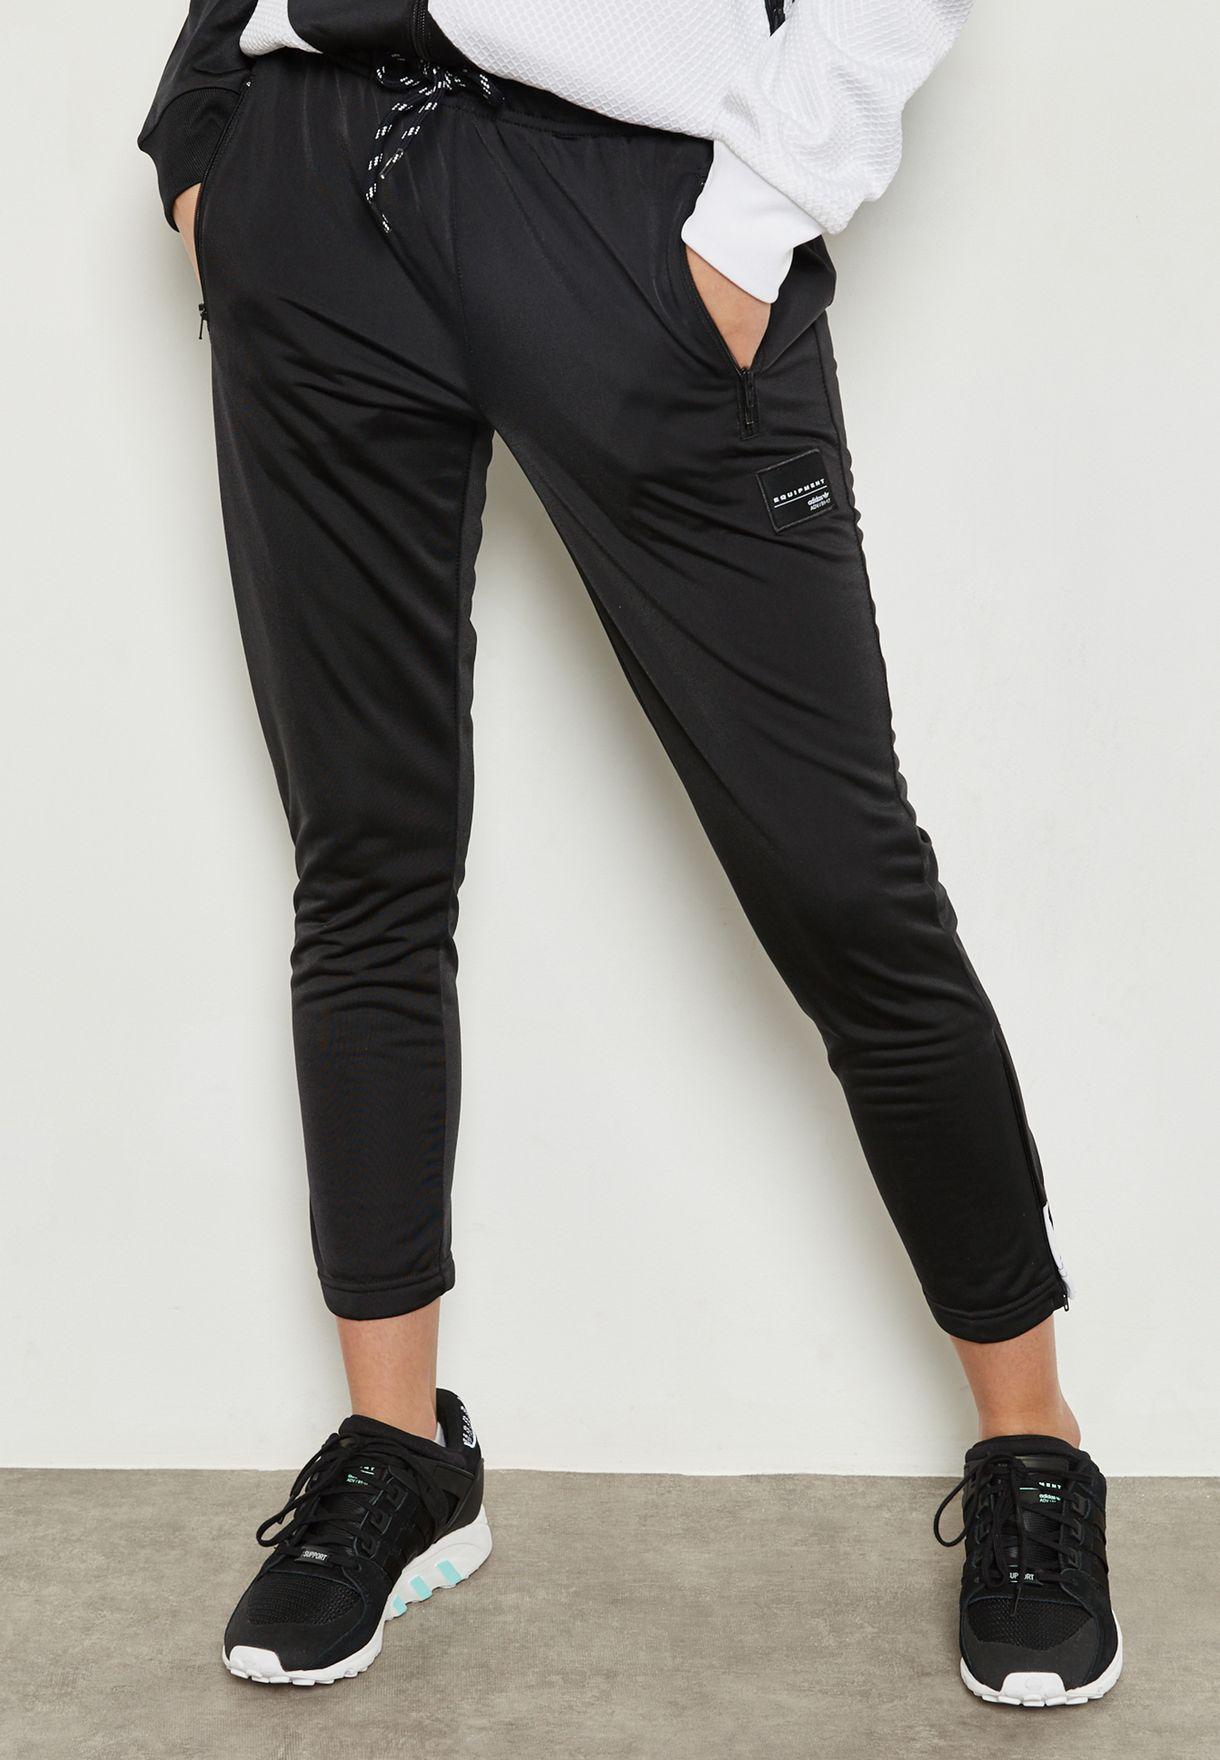 bcd57b388954 Shop adidas Originals black EQT Cigarette Sweatpants BP9283 for ...